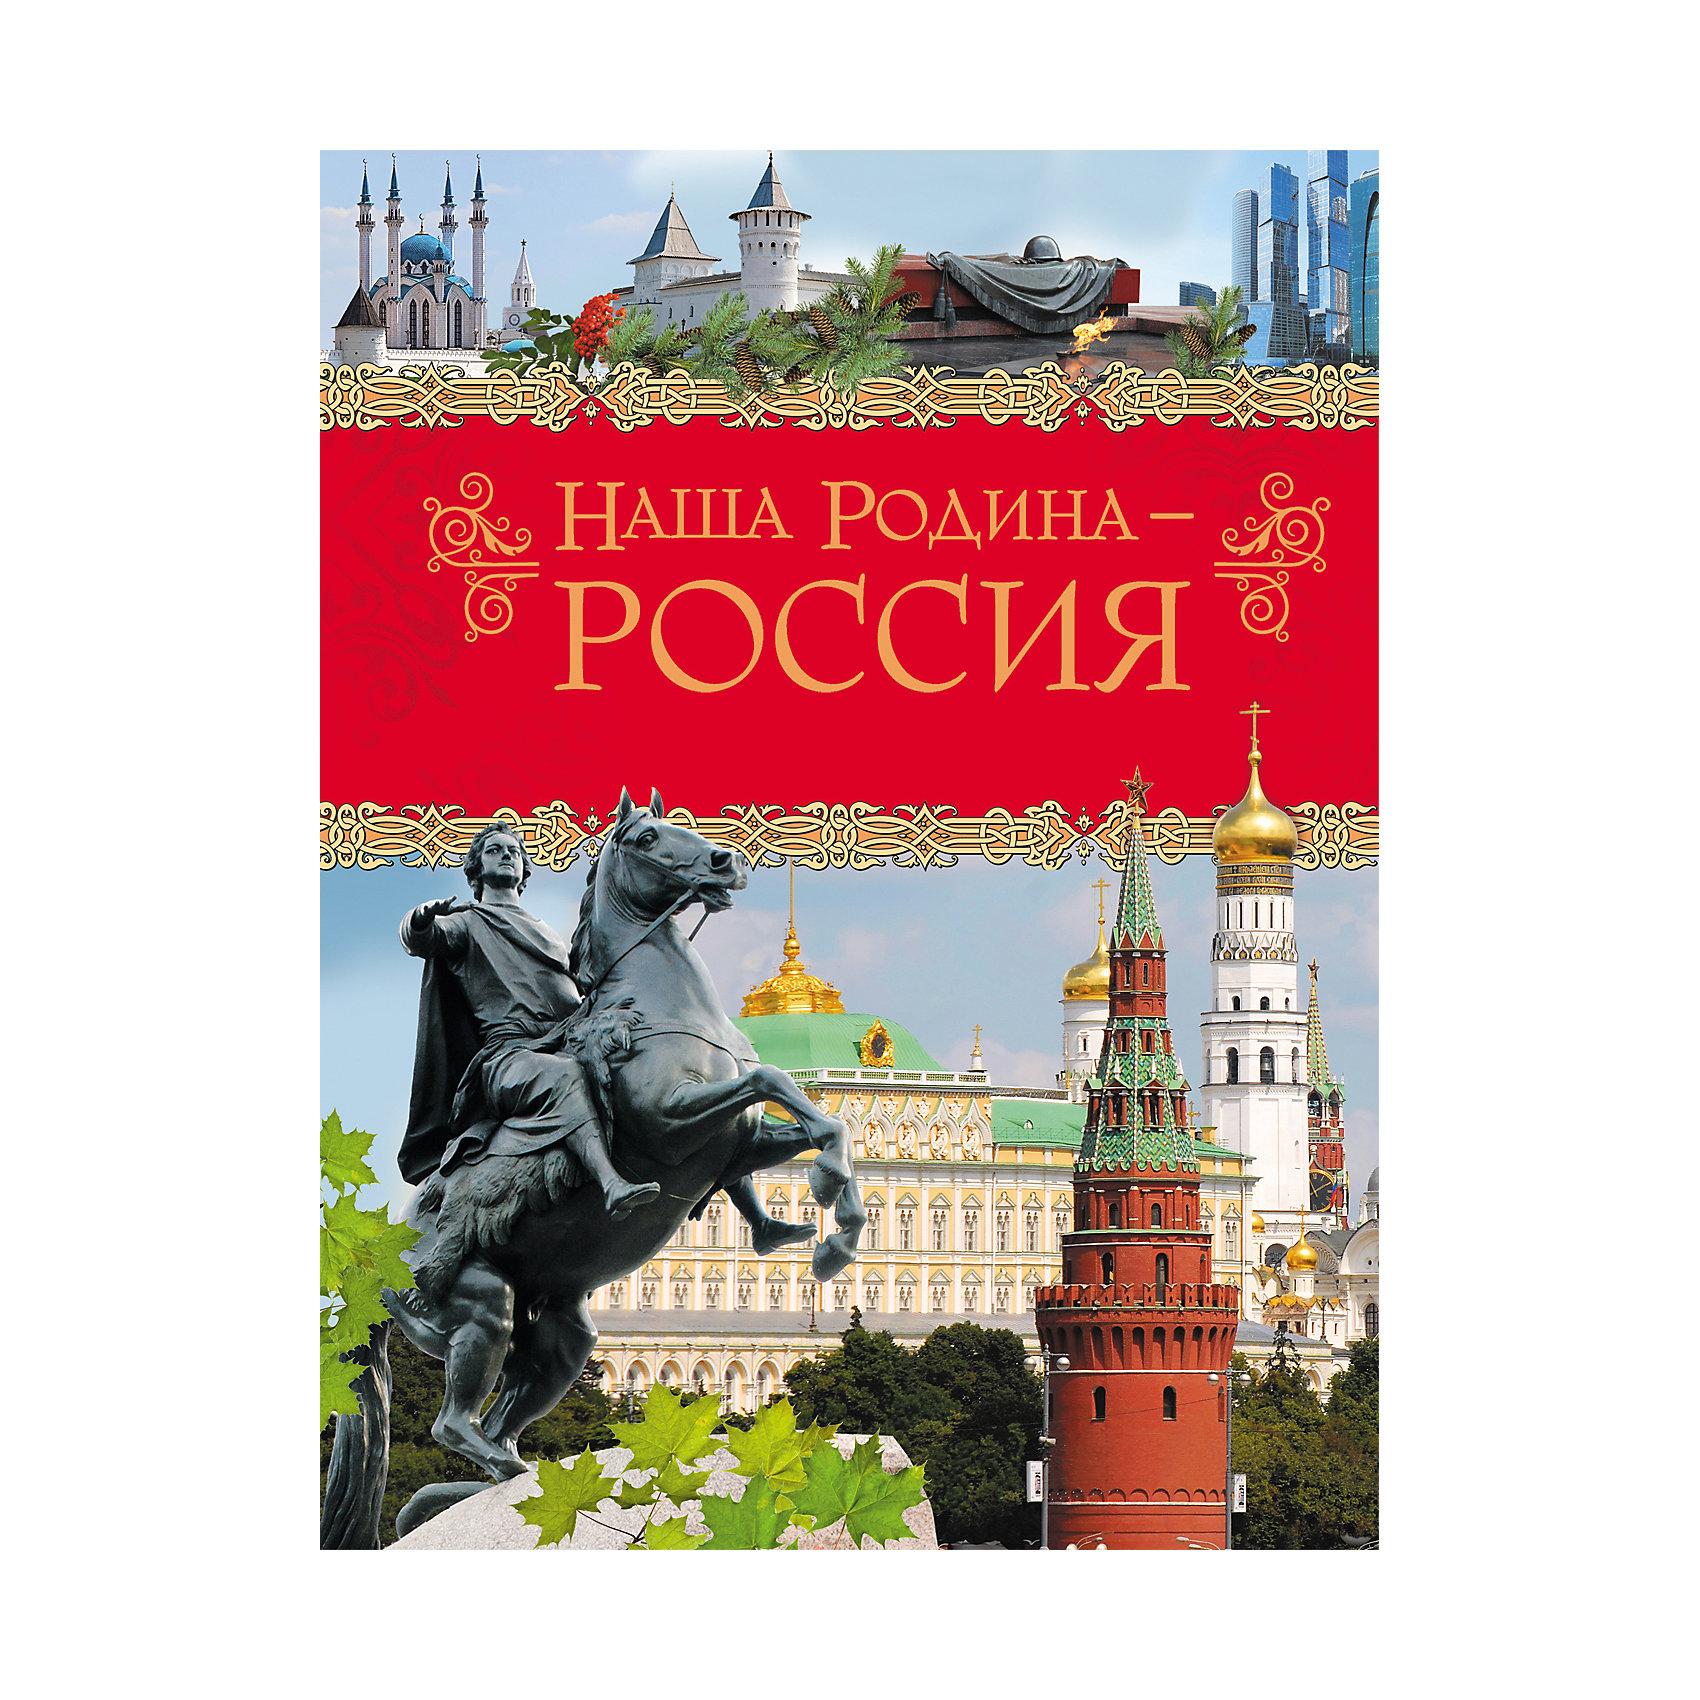 Книга Наша Родина - РоссияЭнциклопедии<br>Книга Наша Родина - Россия<br><br>Характеристики:<br><br>• ISBN: 9785353079262<br>• Количество страниц: 256<br>• Формат: А4  <br>• Обложка: твердая <br><br>Эта книга подойдет для чтения как младшим школьникам, так и детям постарше. В ней рассказывается о той стране, в которой мы живем, ее культуре, особенностях, традициях и многом другом. Читая эту книгу, ребенок сможет узнать не только об истории Российской Федерации, но и об ее современном устройстве, ныне существующих достопримечательностях, природе и многом другом.<br><br>Книга Наша Родина - Россия можно купить в нашем интернет-магазине.<br><br>Ширина мм: 263<br>Глубина мм: 202<br>Высота мм: 200<br>Вес г: 764<br>Возраст от месяцев: 84<br>Возраст до месяцев: 2147483647<br>Пол: Унисекс<br>Возраст: Детский<br>SKU: 5507097